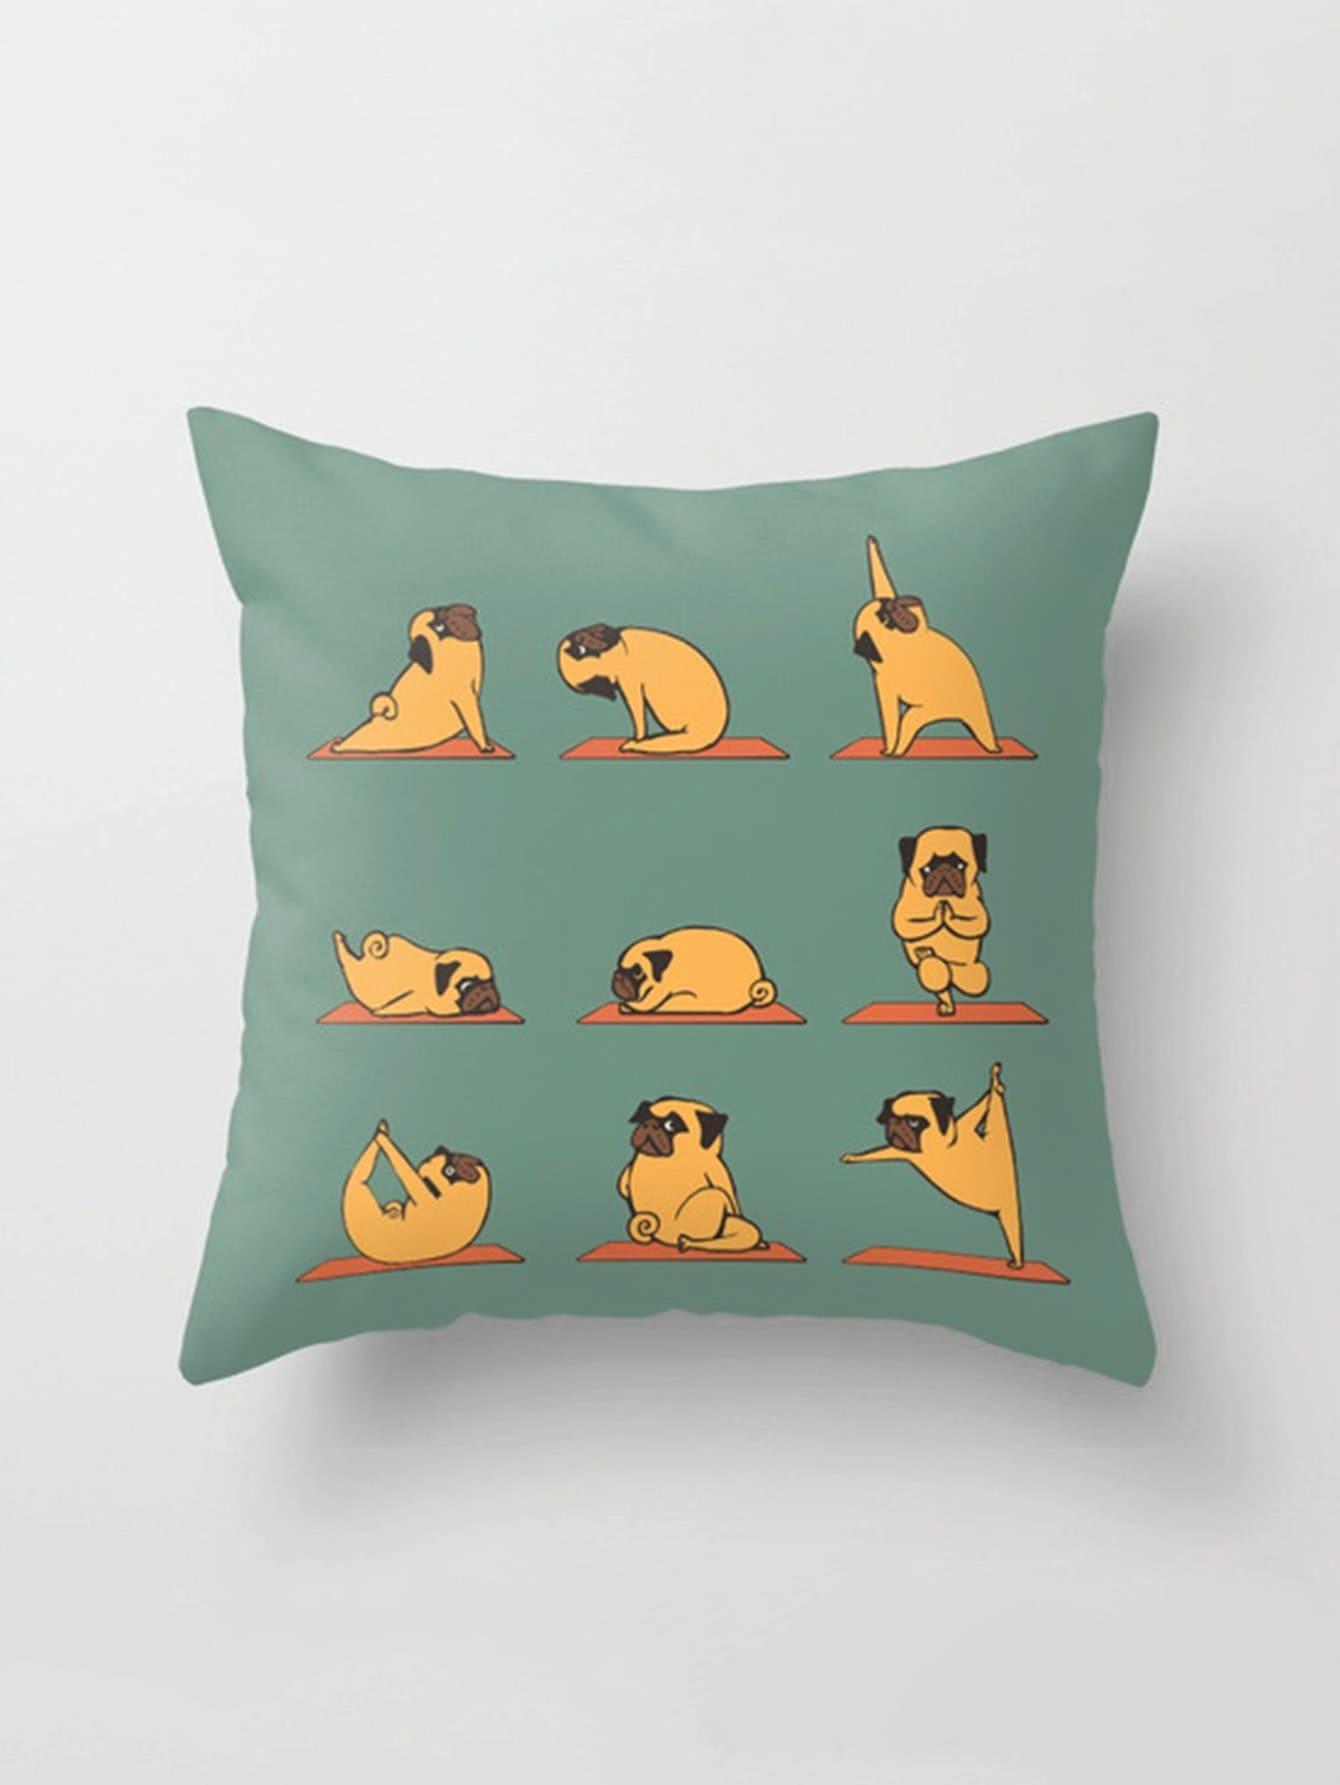 Pug Print Pillowcase Cover pug print pillowcase cover